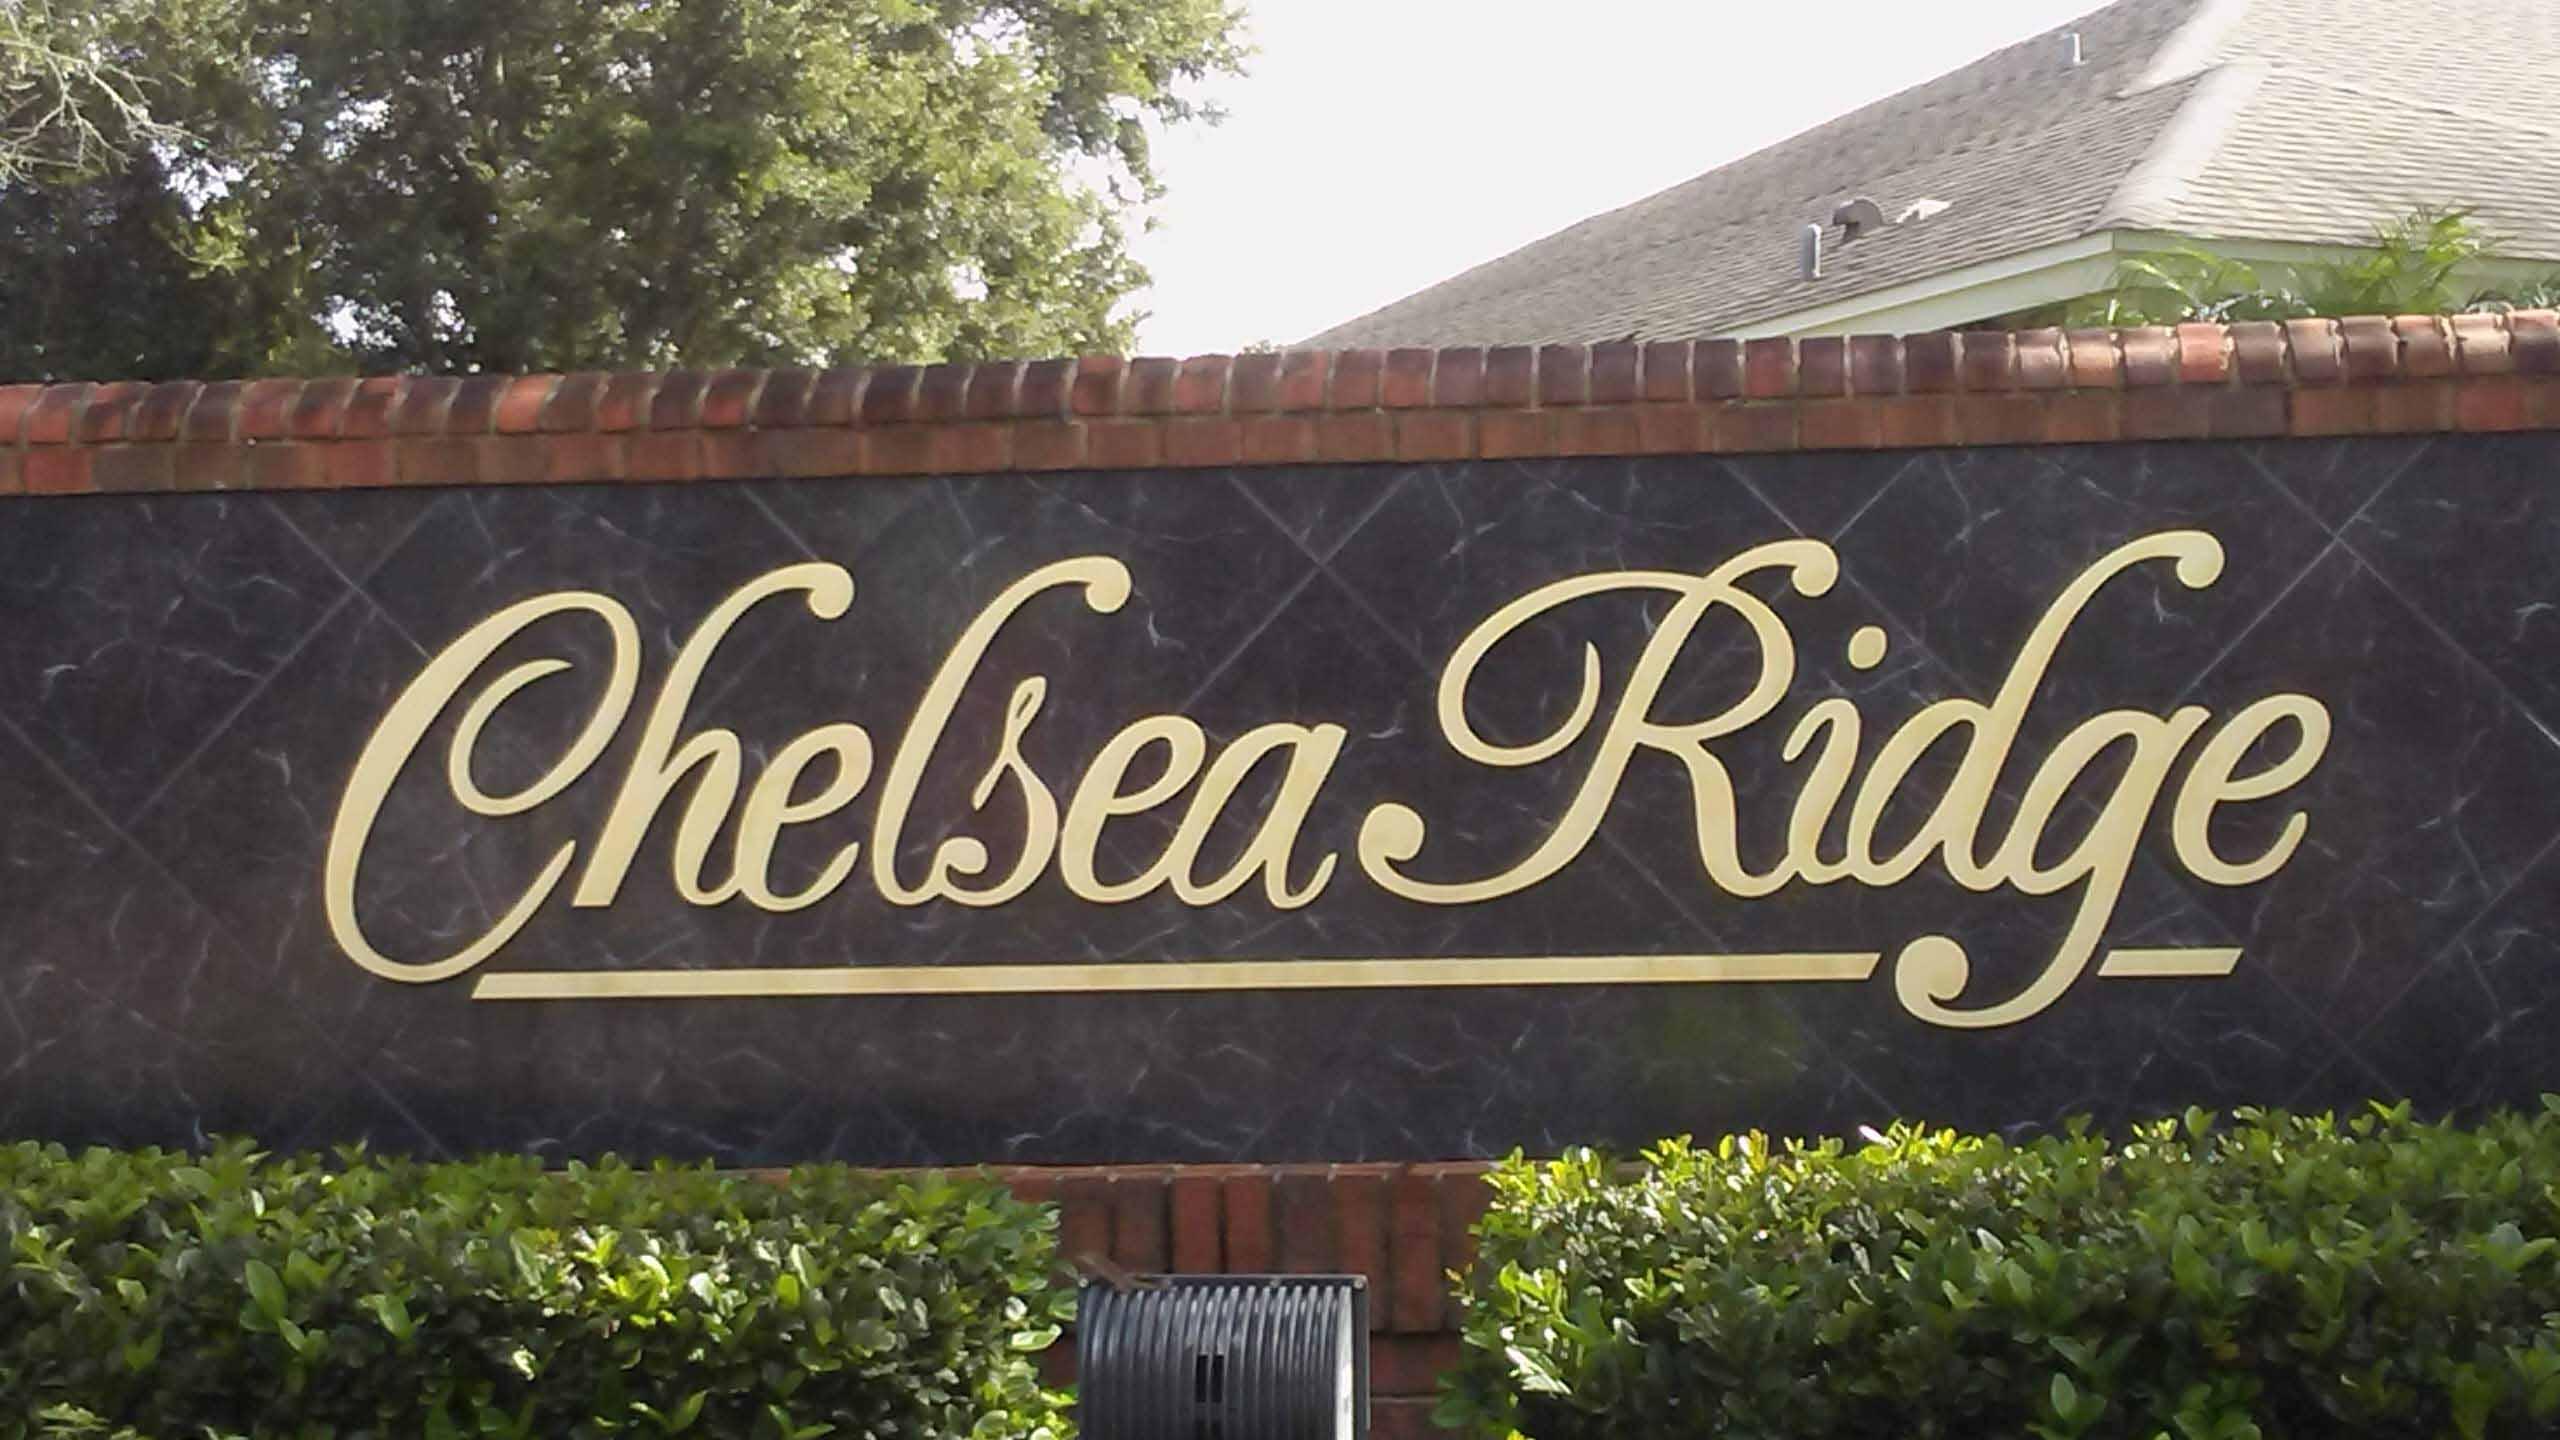 Chelsea Ridge, Apopka, Florida 32712